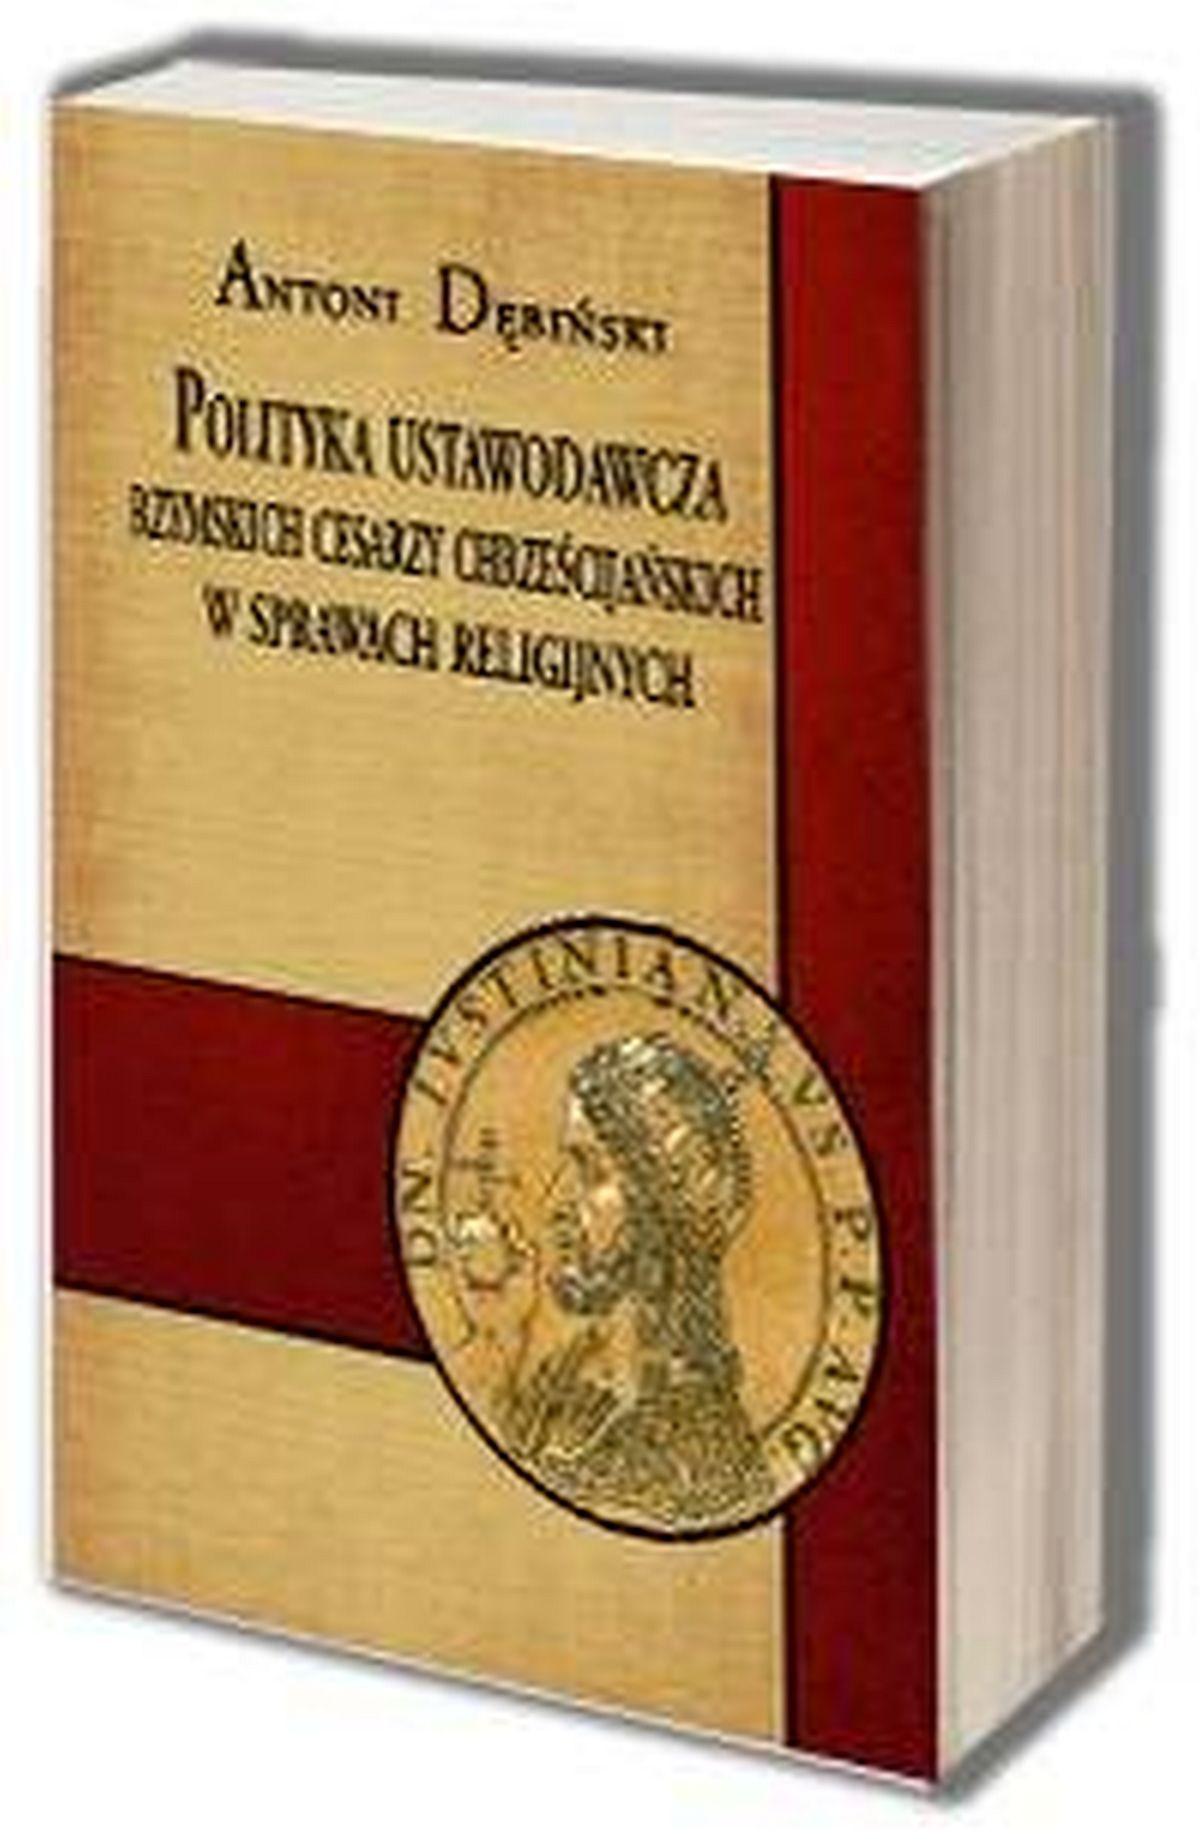 Polityka ustawodawcza rzymskich cesarzy chrześcijańskich w sprawach religijnych